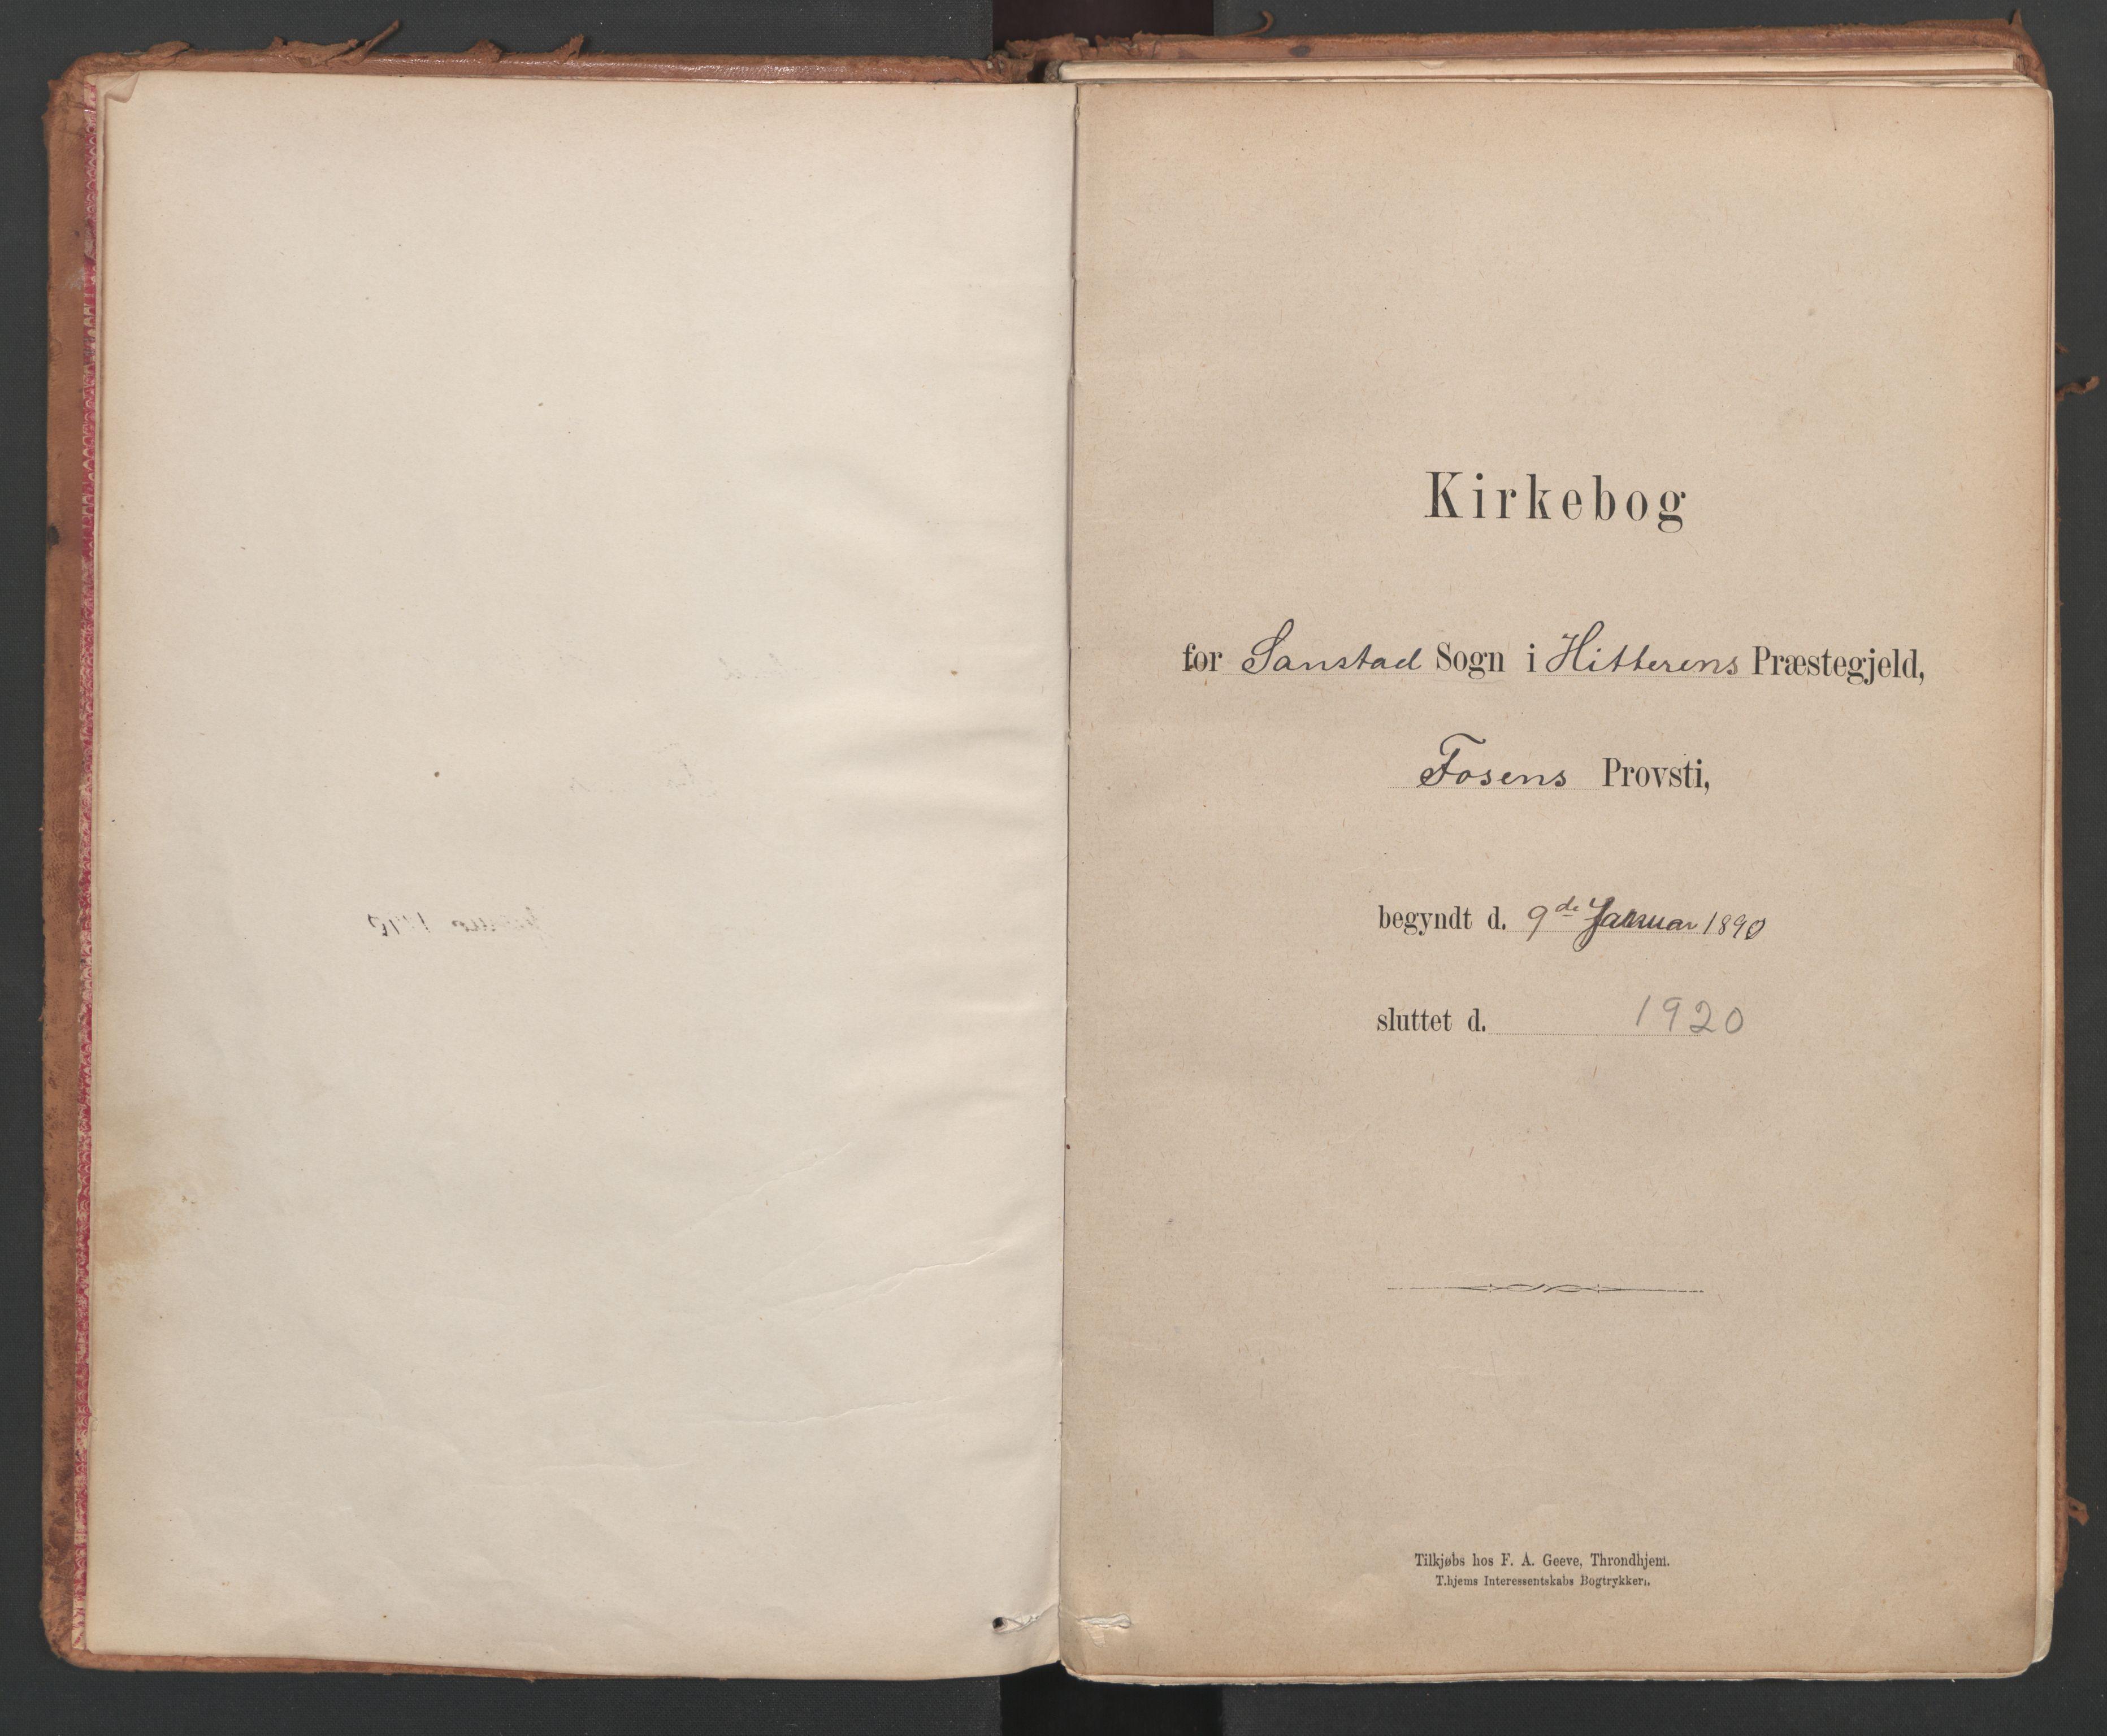 SAT, Ministerialprotokoller, klokkerbøker og fødselsregistre - Sør-Trøndelag, 639/L0572: Ministerialbok nr. 639A01, 1890-1920